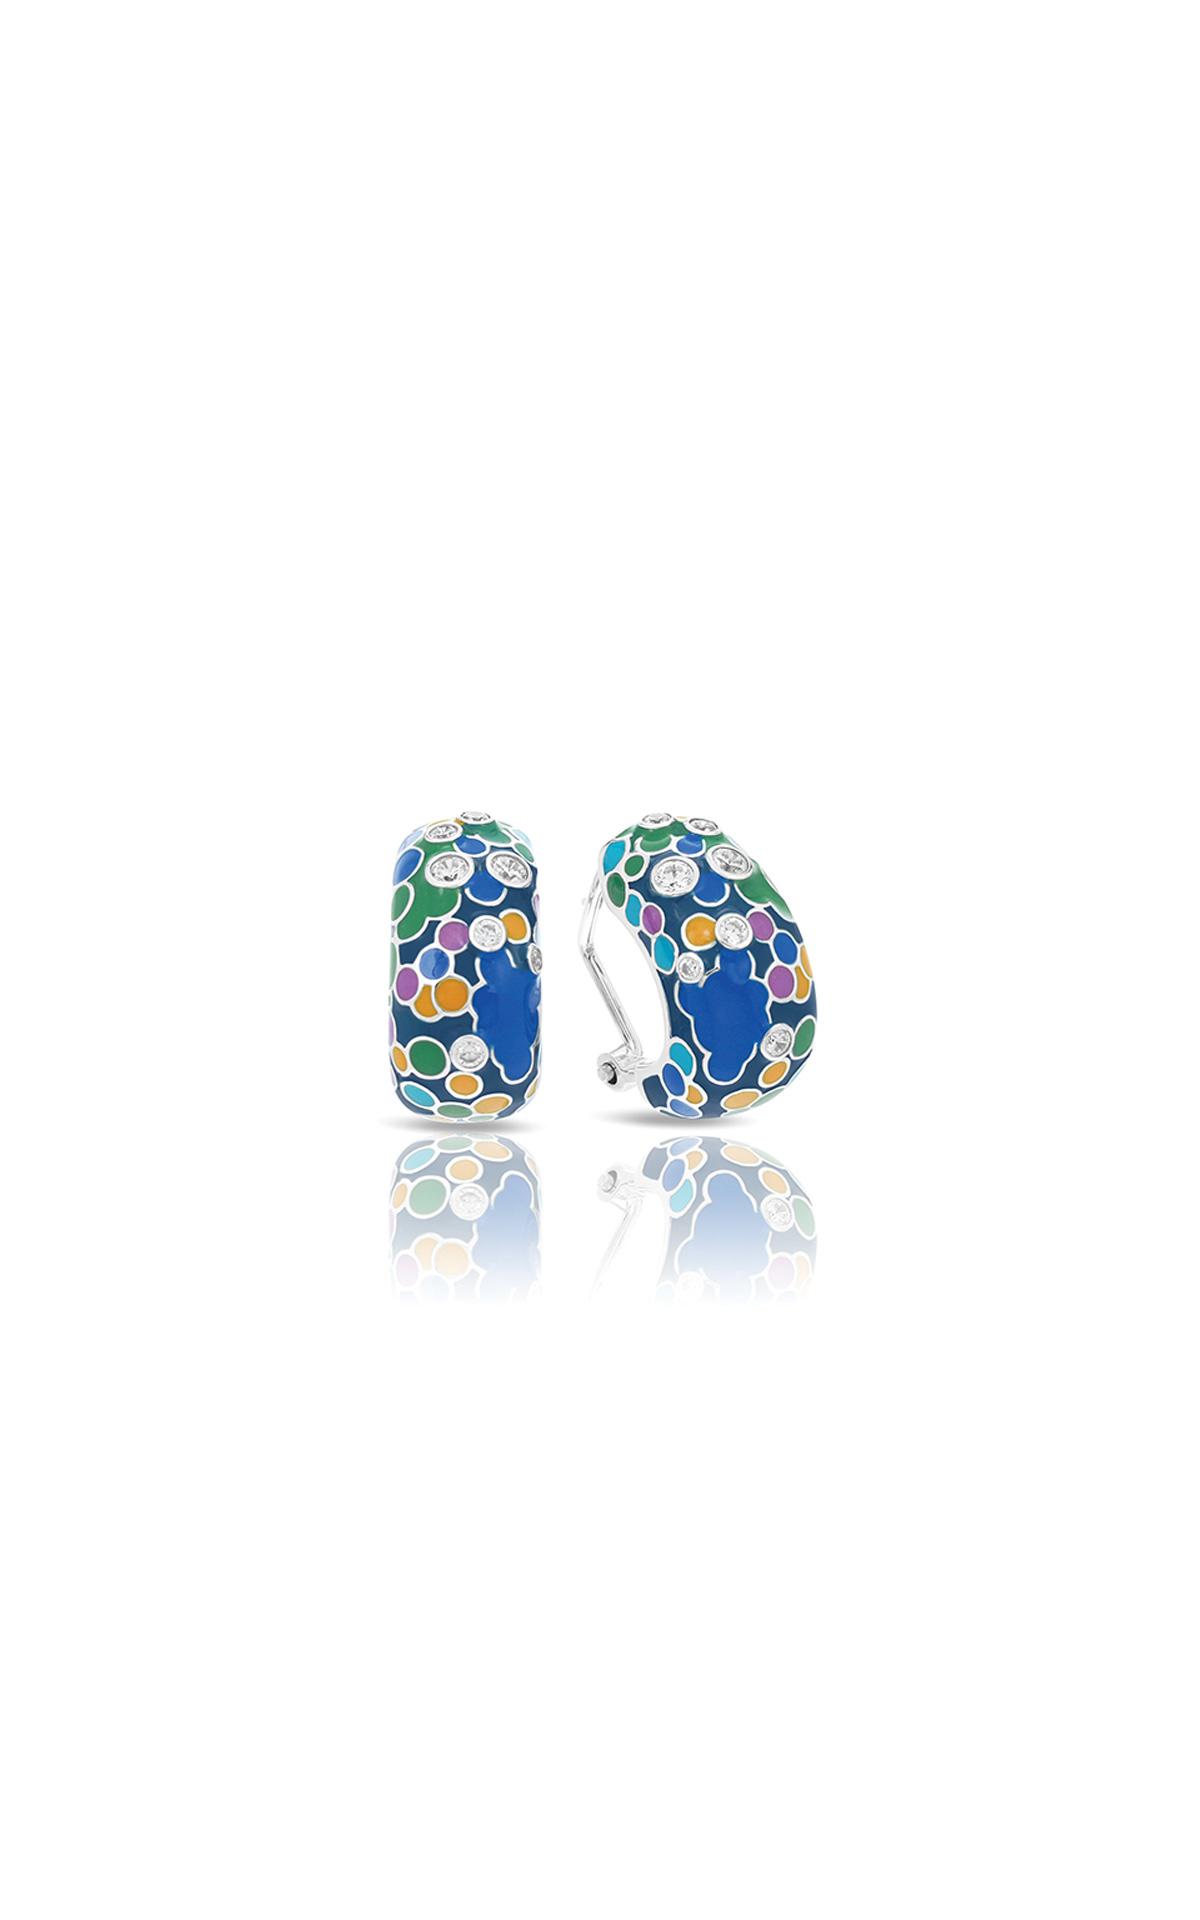 Belle Etoile Artiste Blue Earrings 3021610202 product image